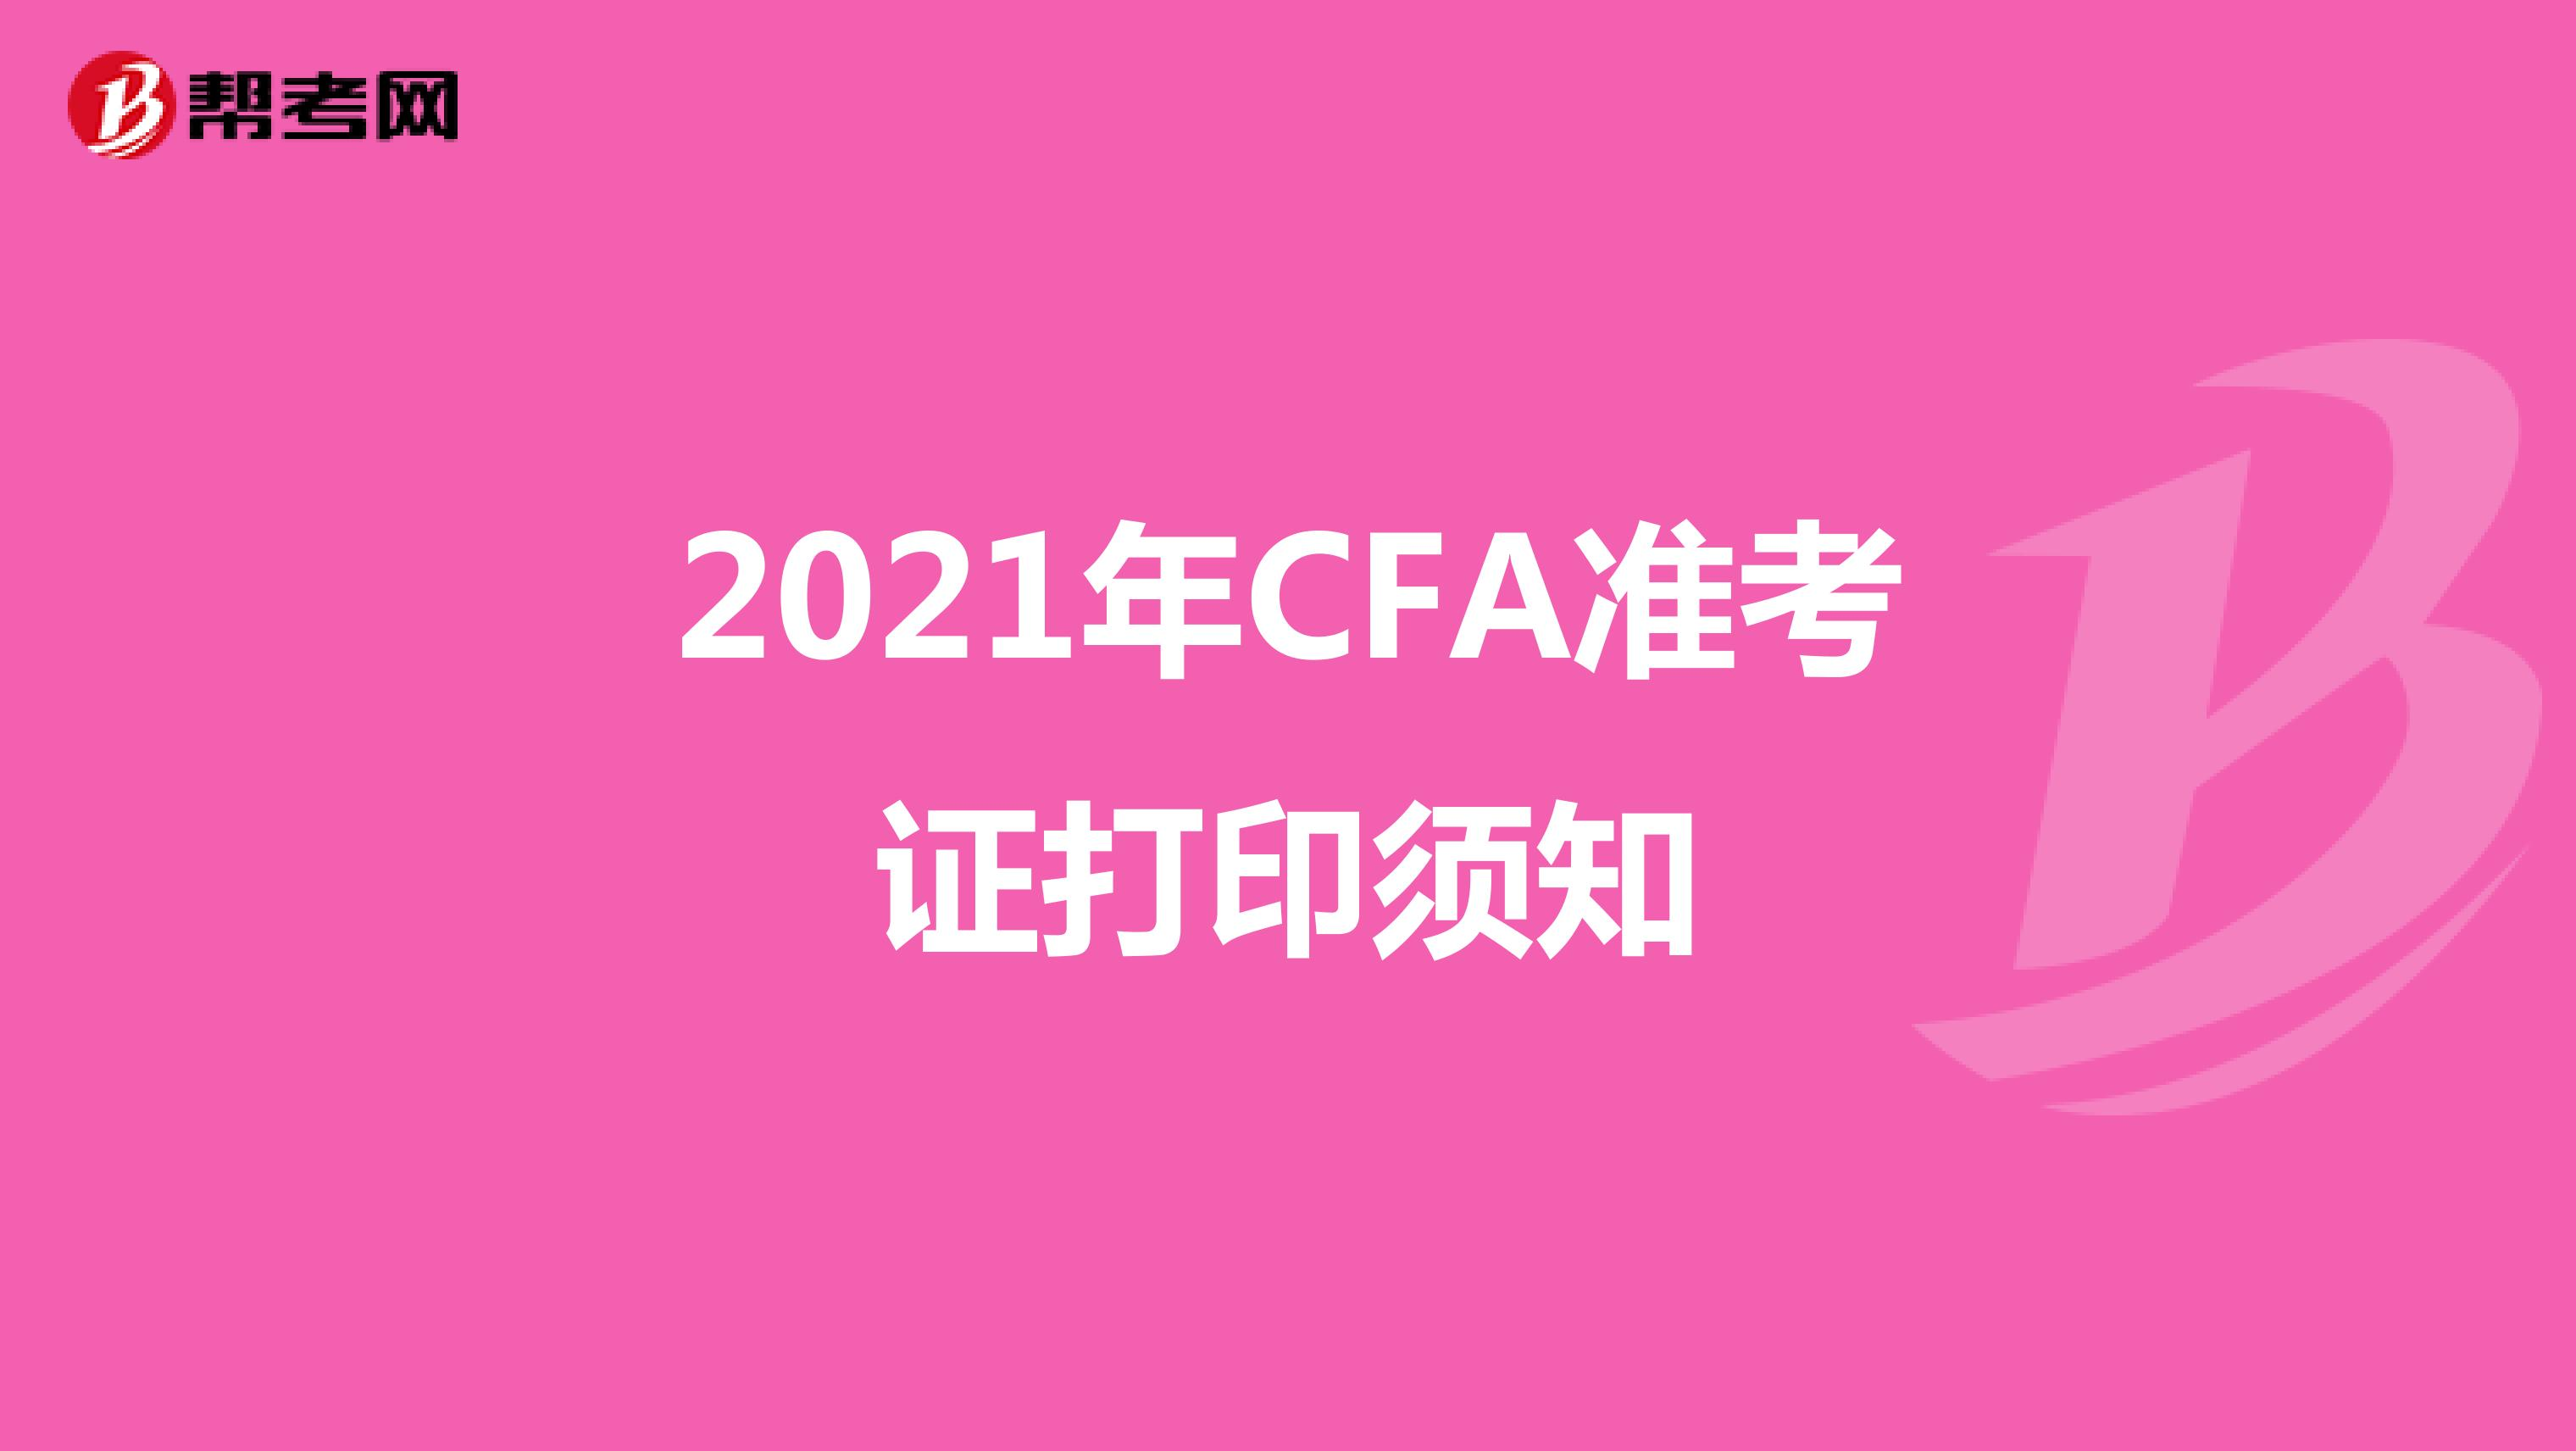 2021年CFA准考证打印须知